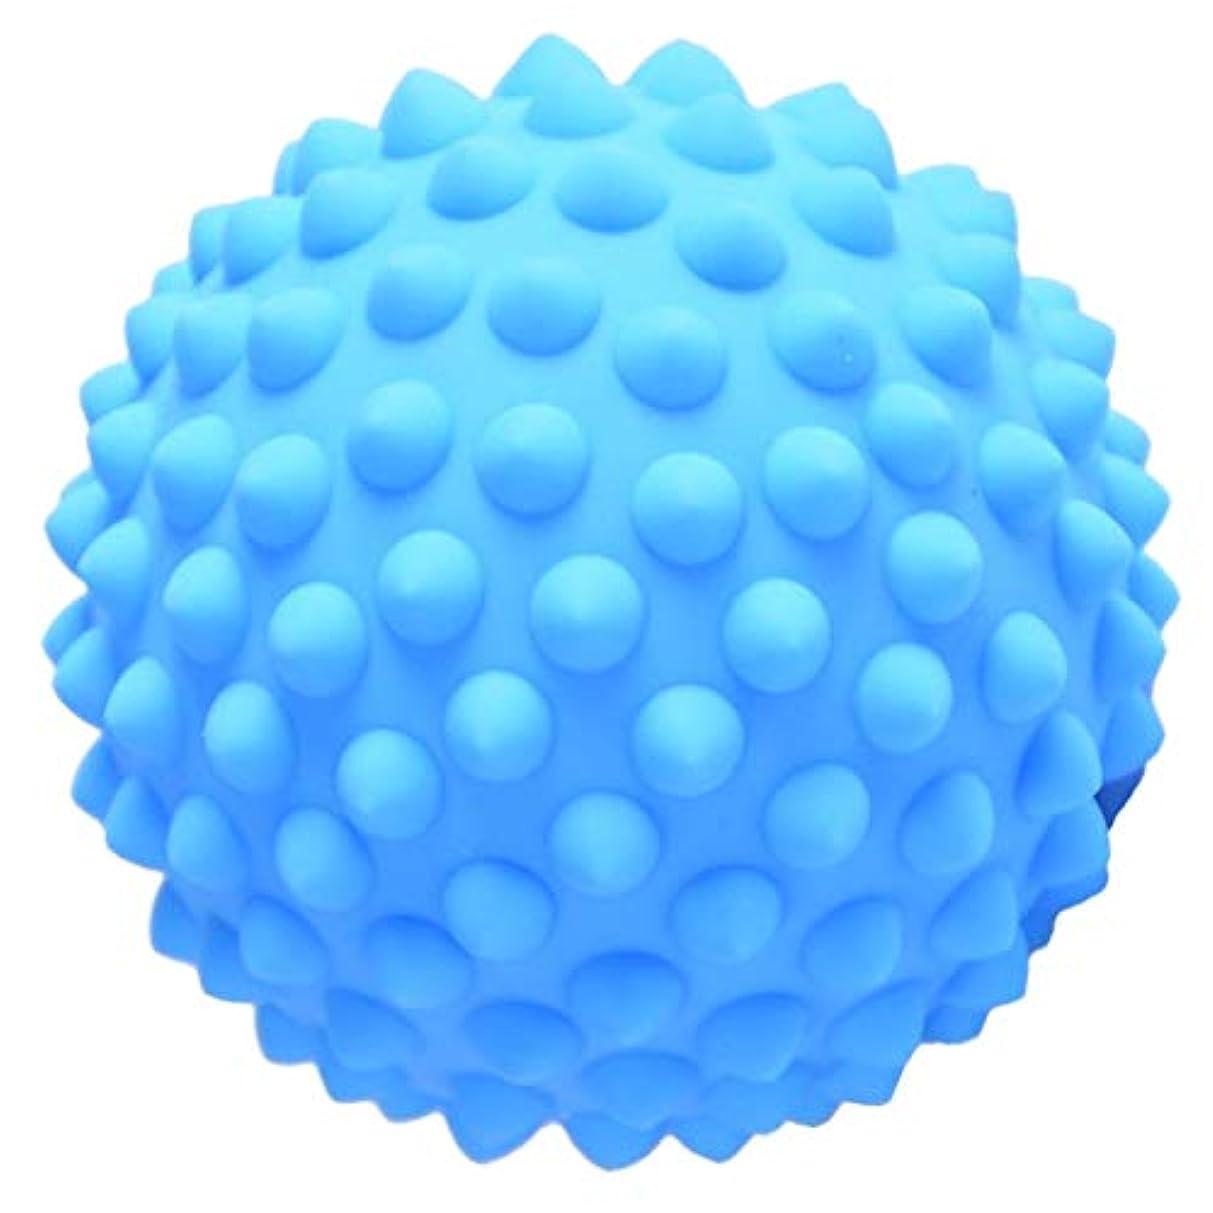 保存スペインパワーセルPerfeclan ハードマッサージ マッサージボール ハード トリガーマッサージ ポインマッサージ 3色選べ - 青, 説明のとおり